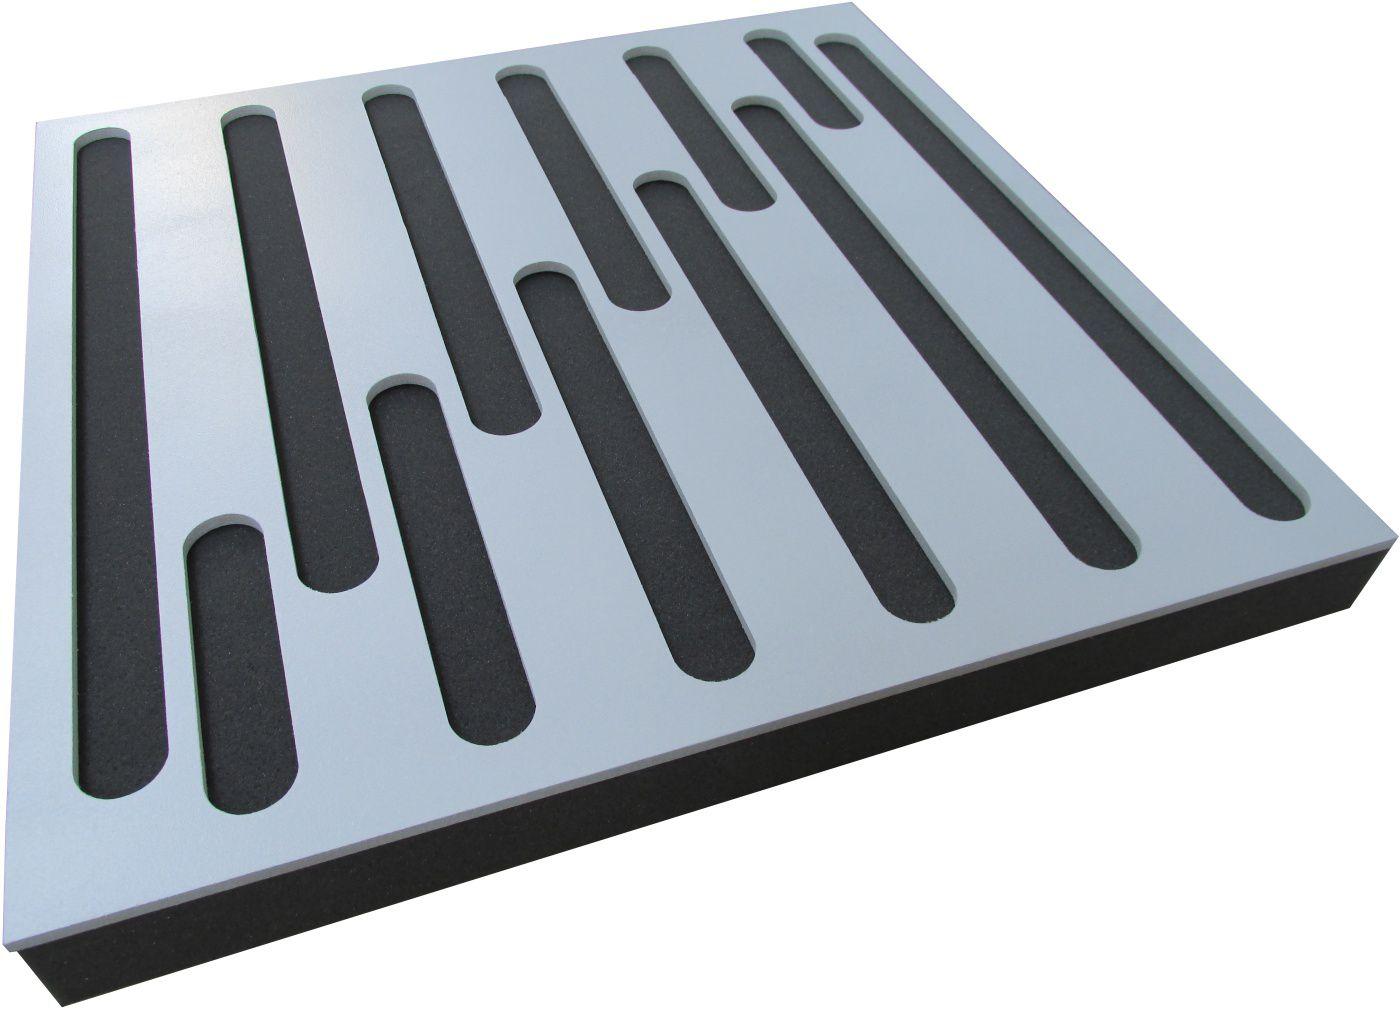 Painel Acústico Linha Rev Decor - D 3 - (Valor para 2 peças)  - Loja SPL Acústica